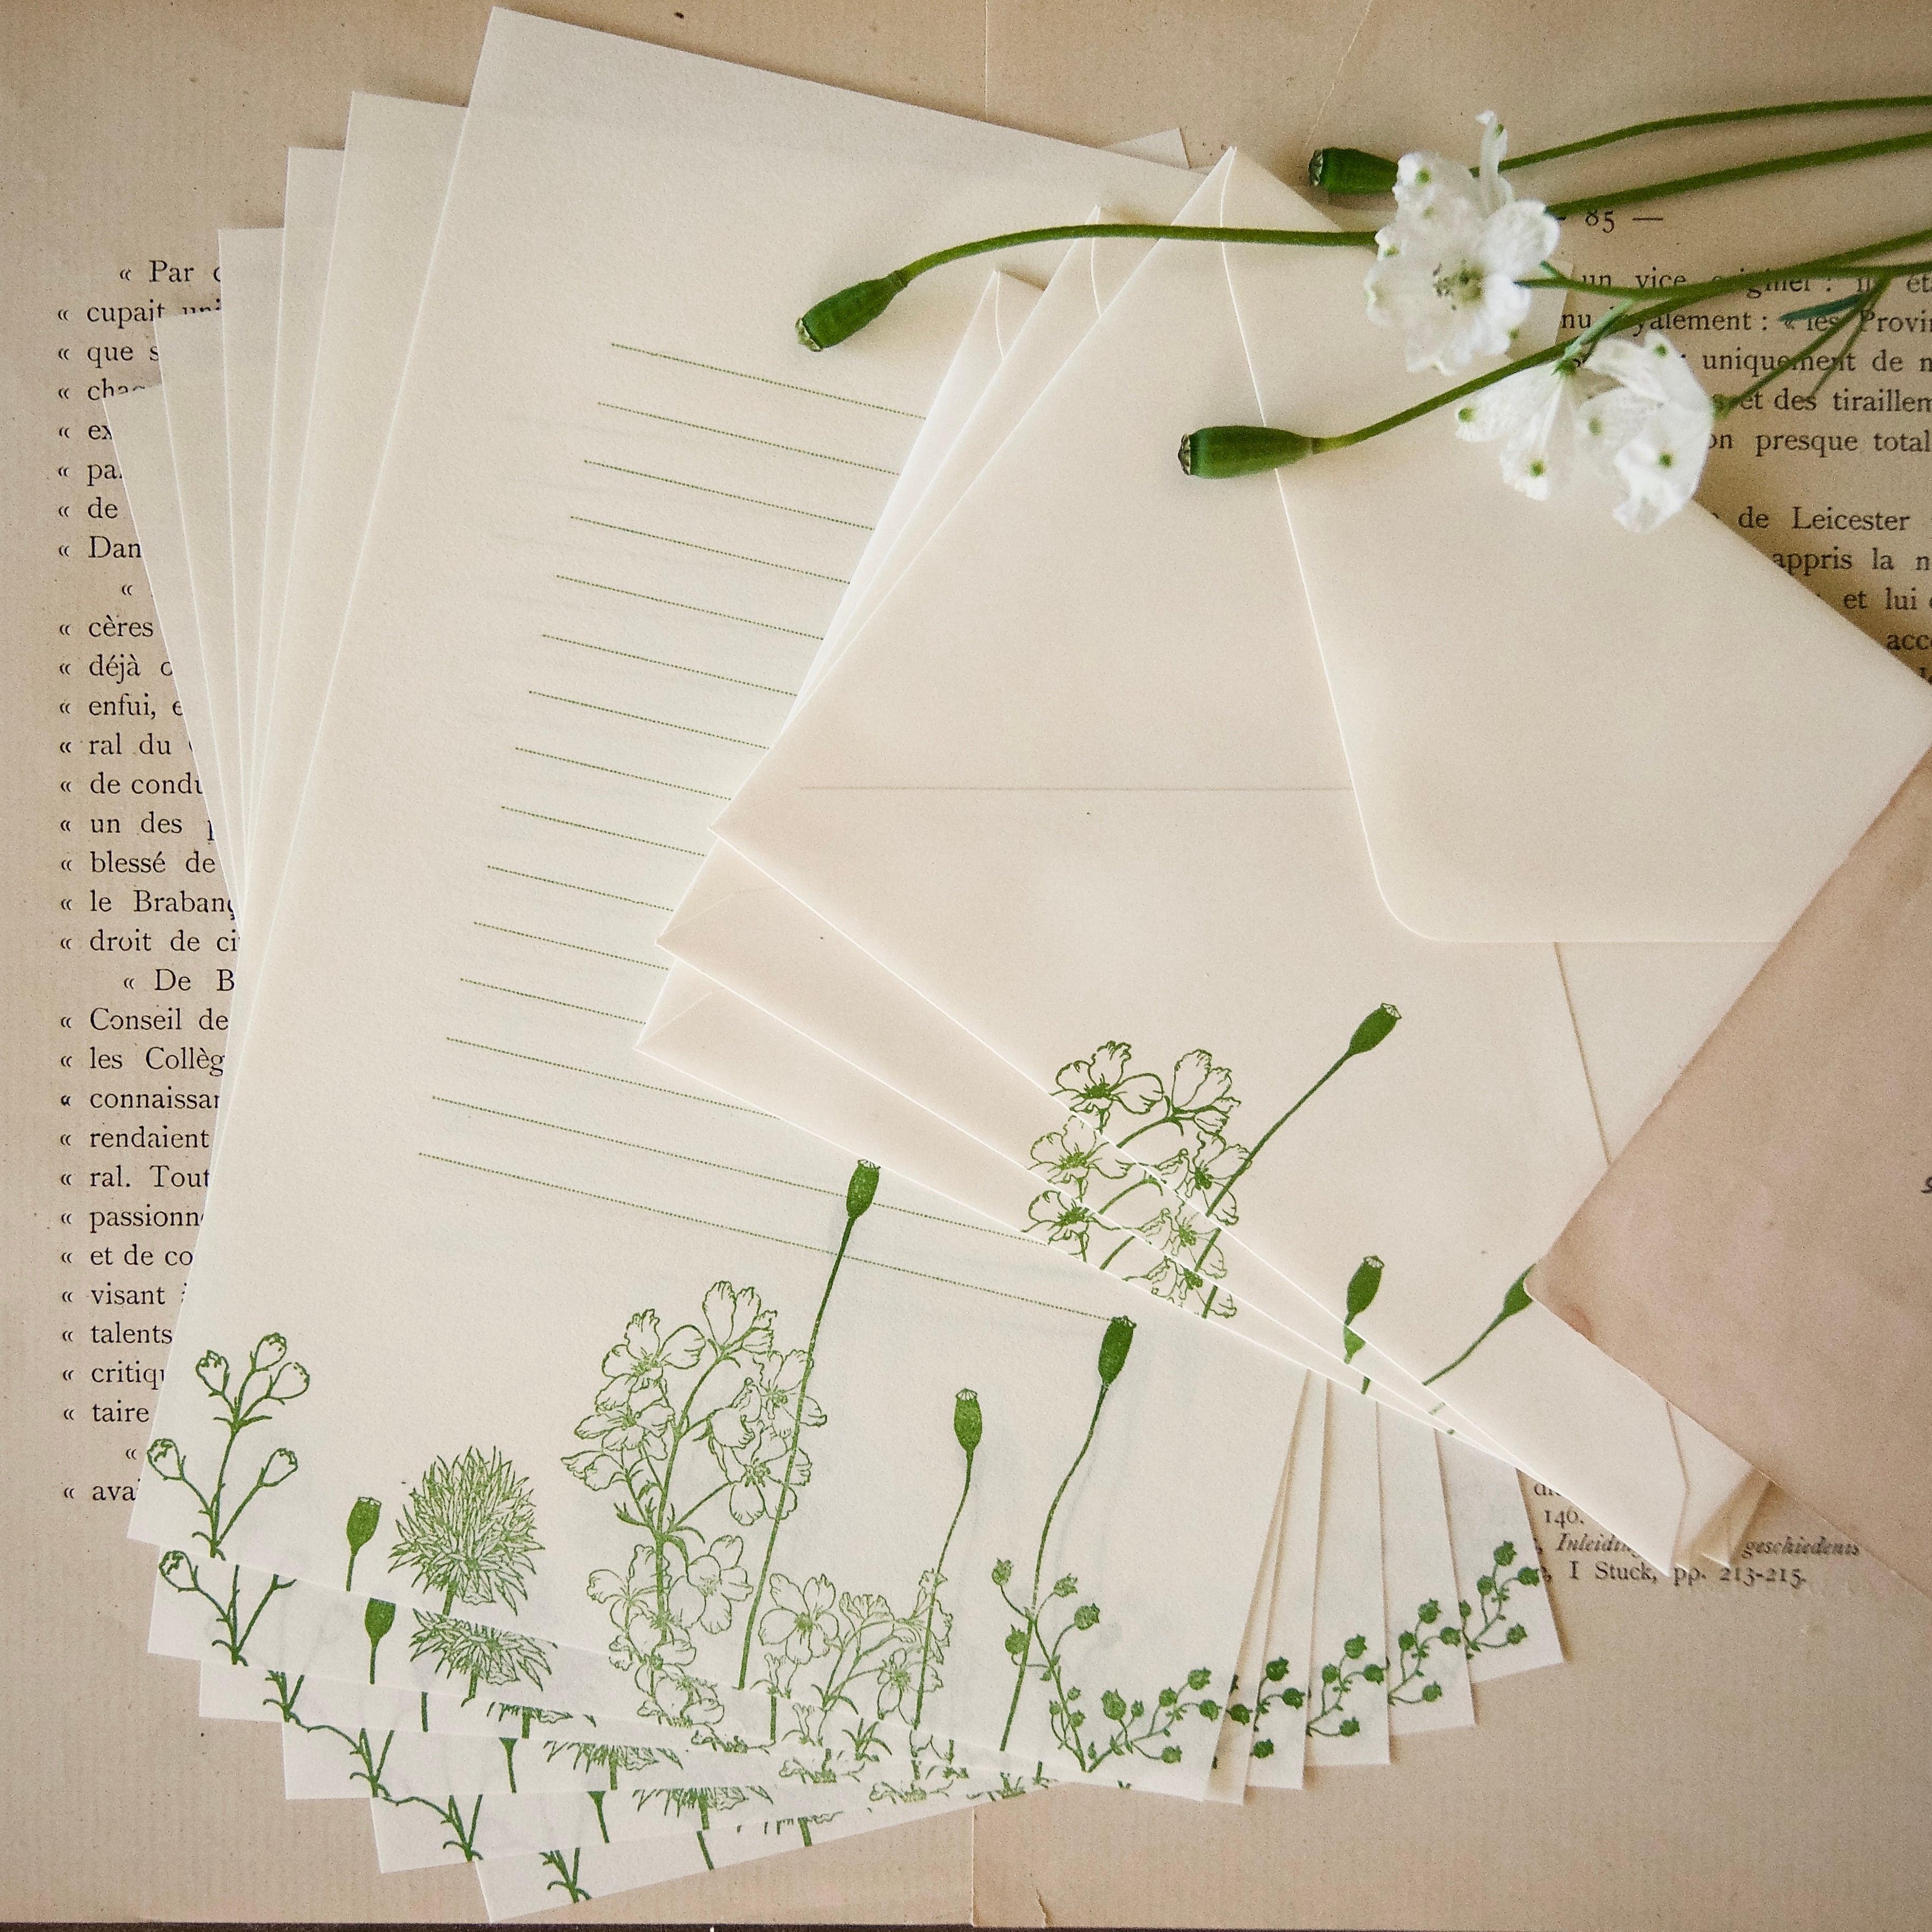 【レターセット】 ポピーの実 / 便せん6枚+封筒3枚/活版印刷